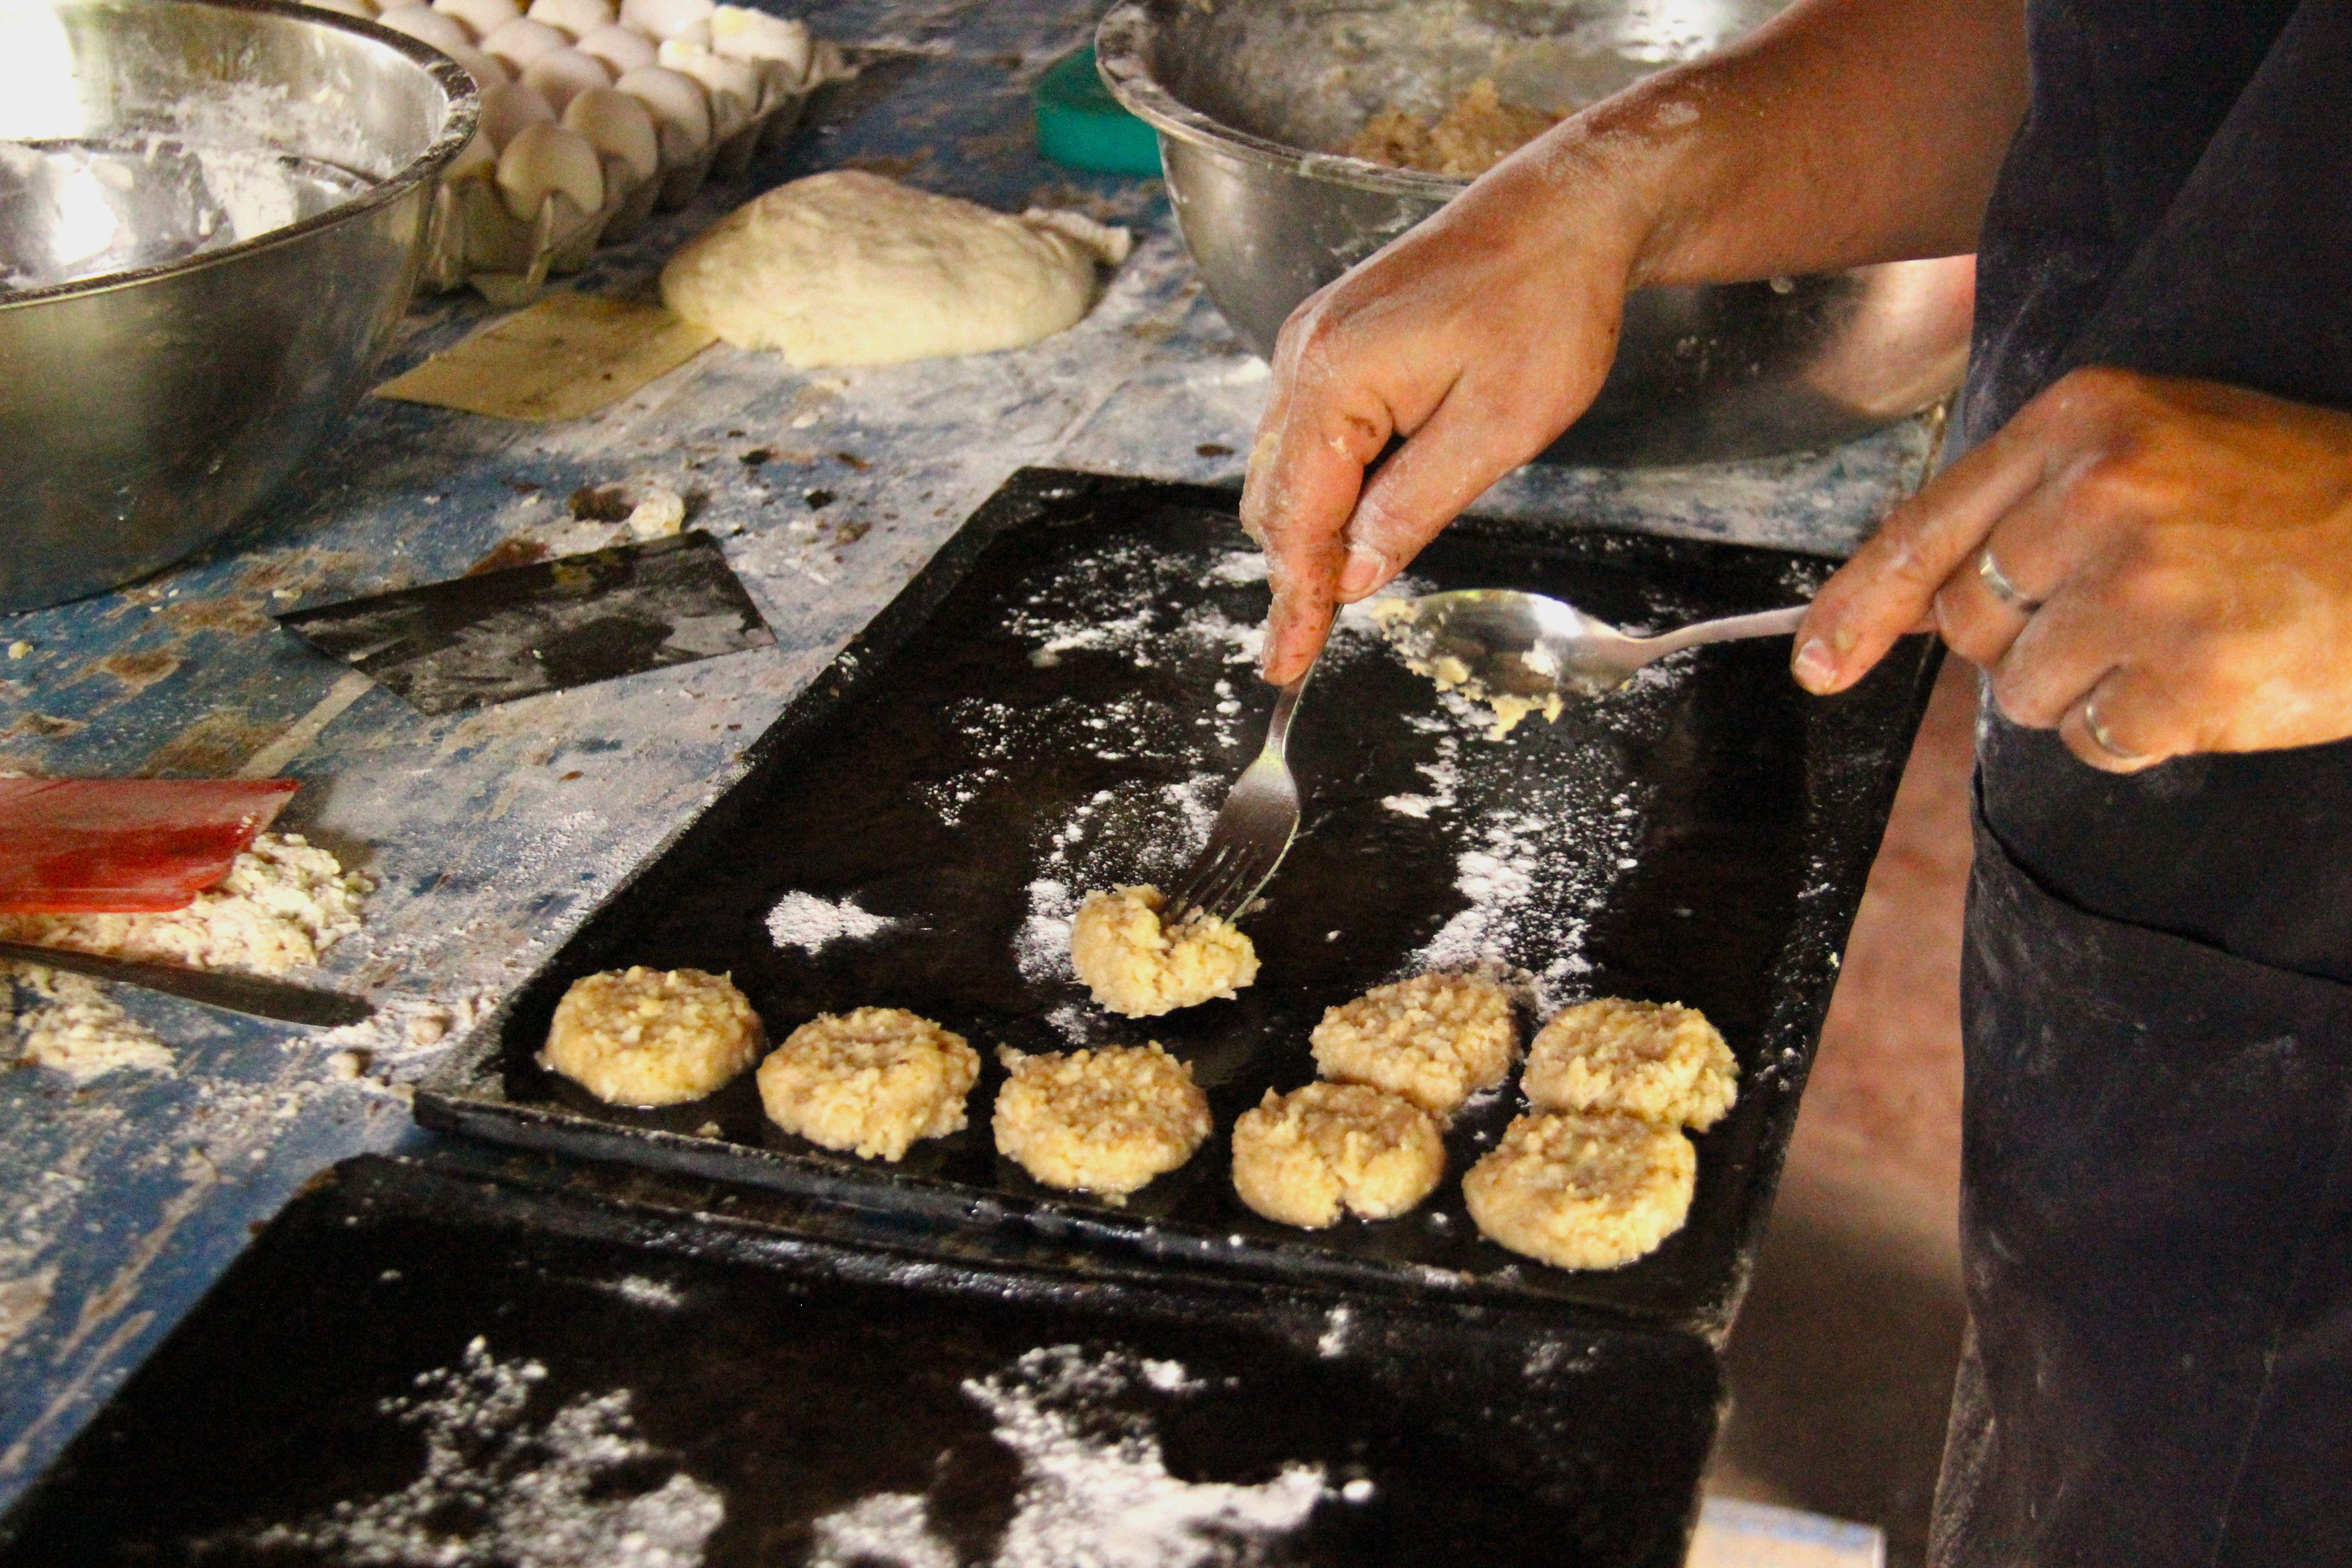 Cuisson des cookies à la noix de coco et graisse de porc - Tao farm